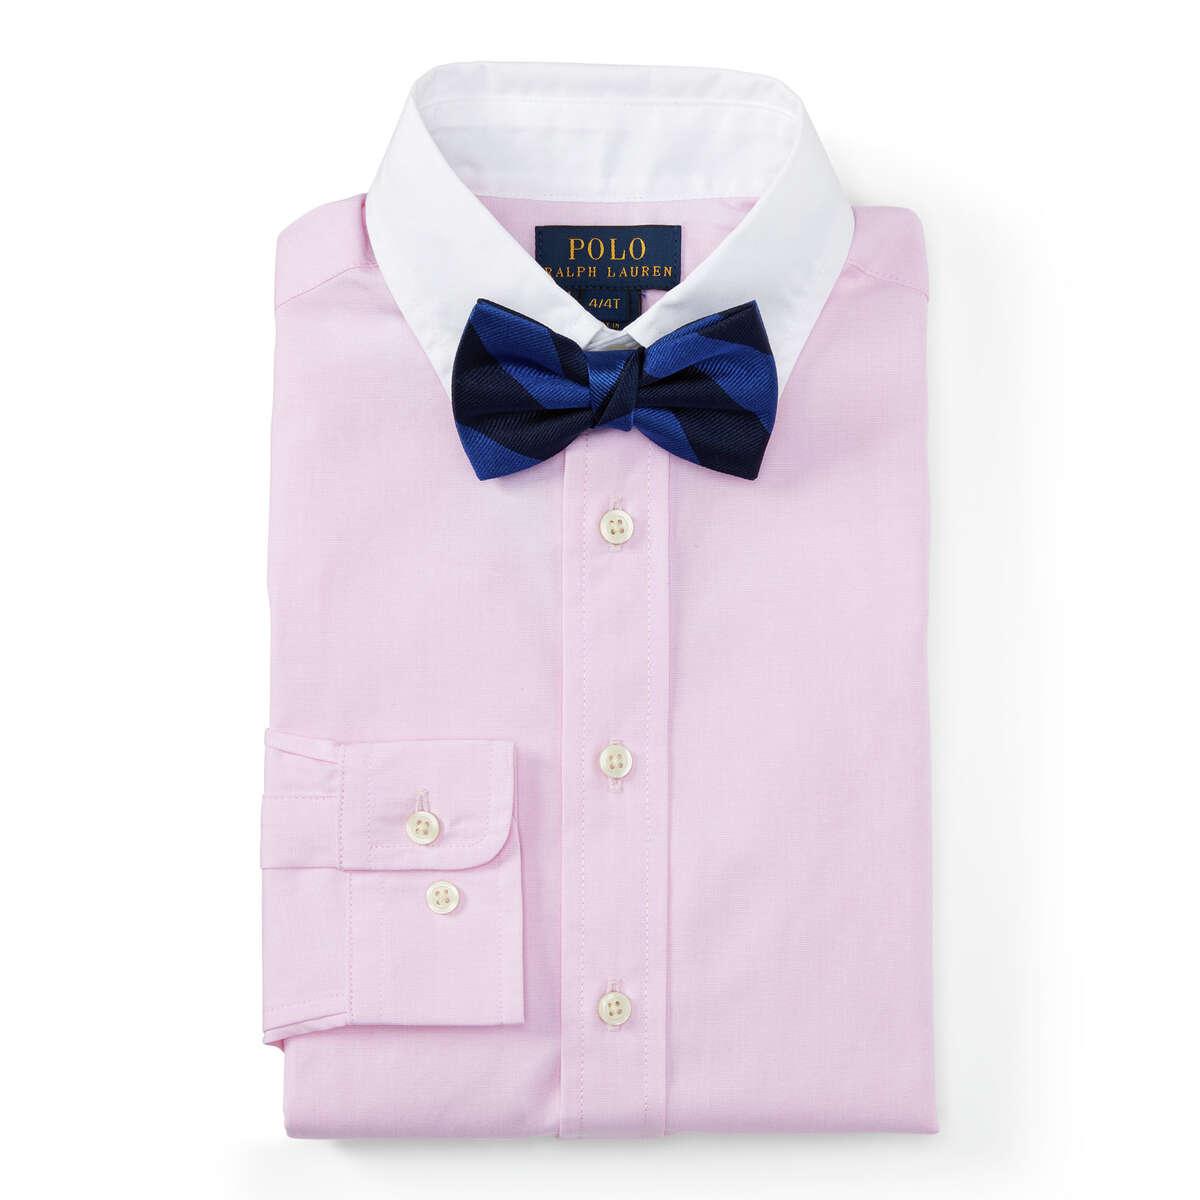 Polo Ralph Lauren boy's dress shirt, $49.50, at ralphlauren.com